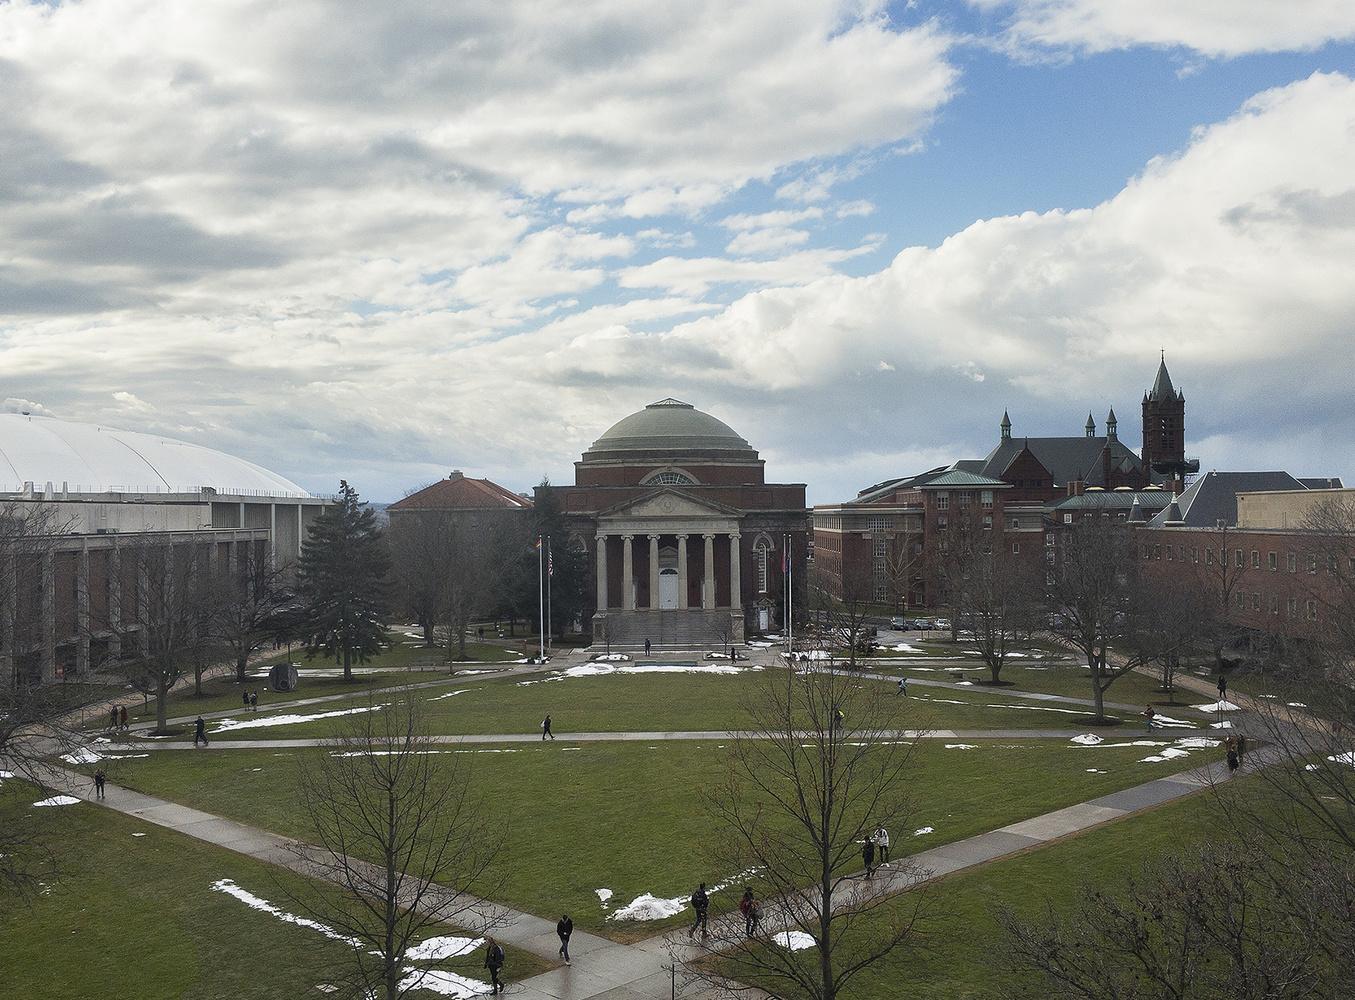 iPhone 6s photo of Syracuse University